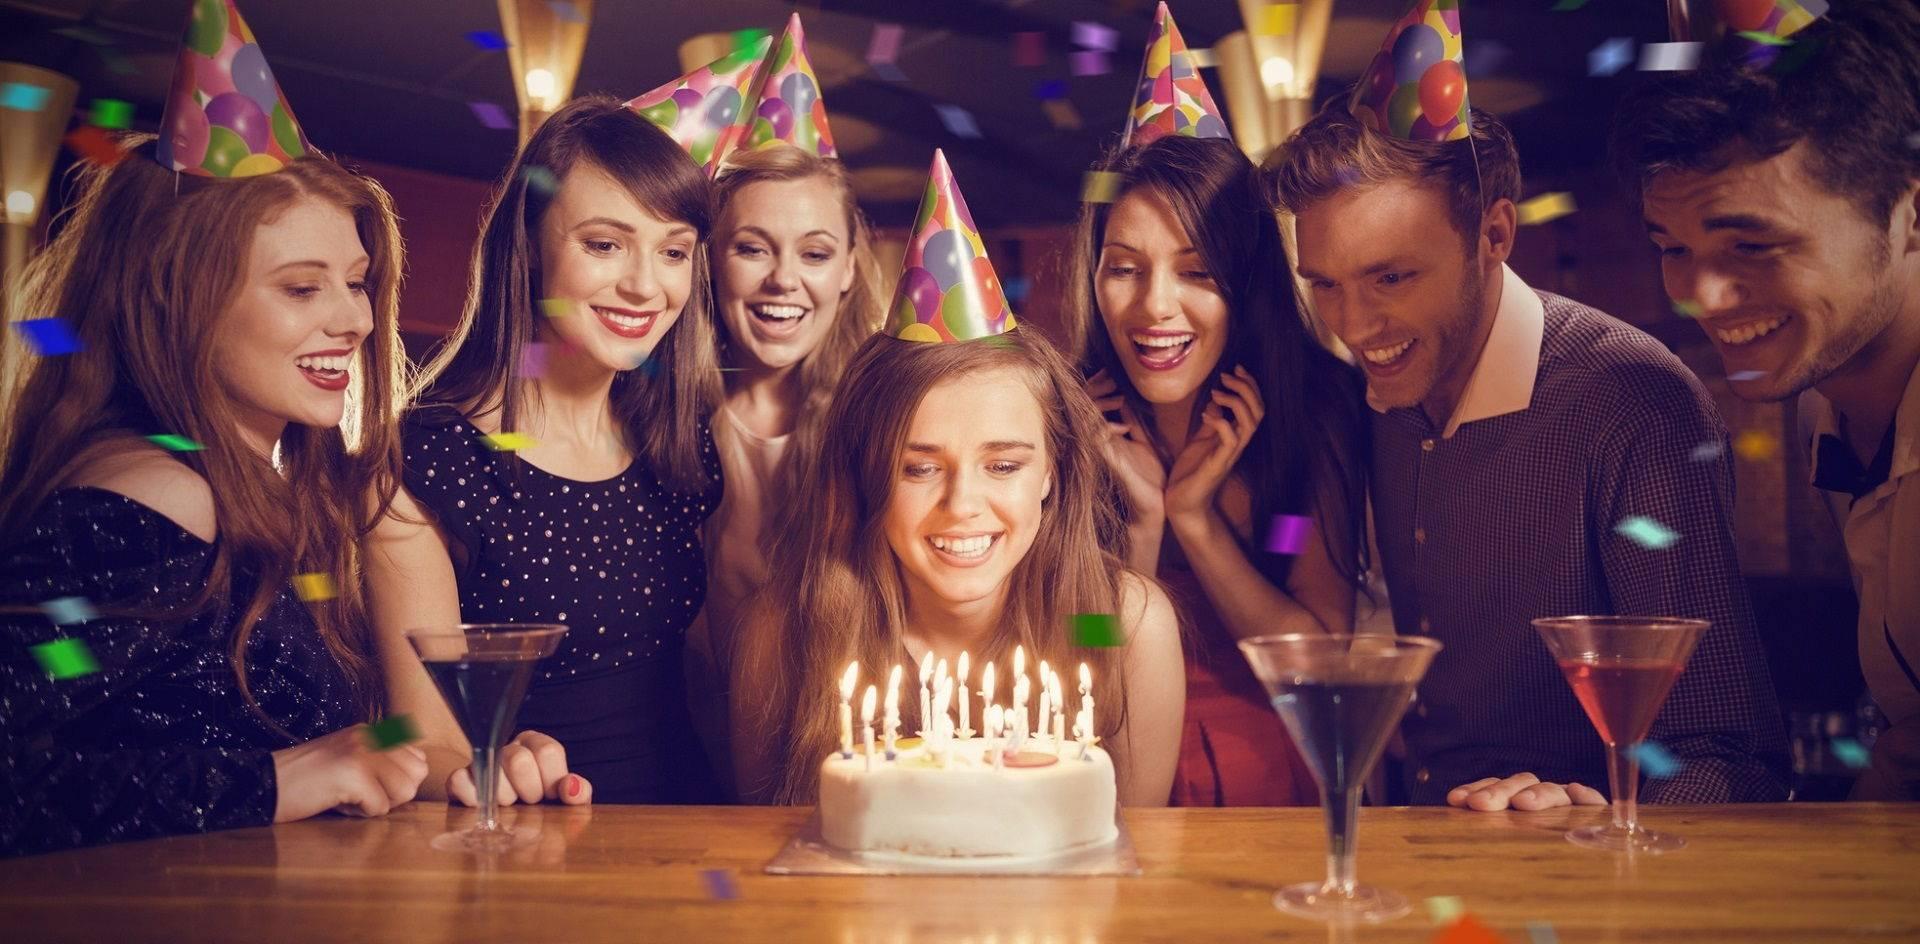 Почему нельзя отмечать день рождения заранее: примета и другие причины